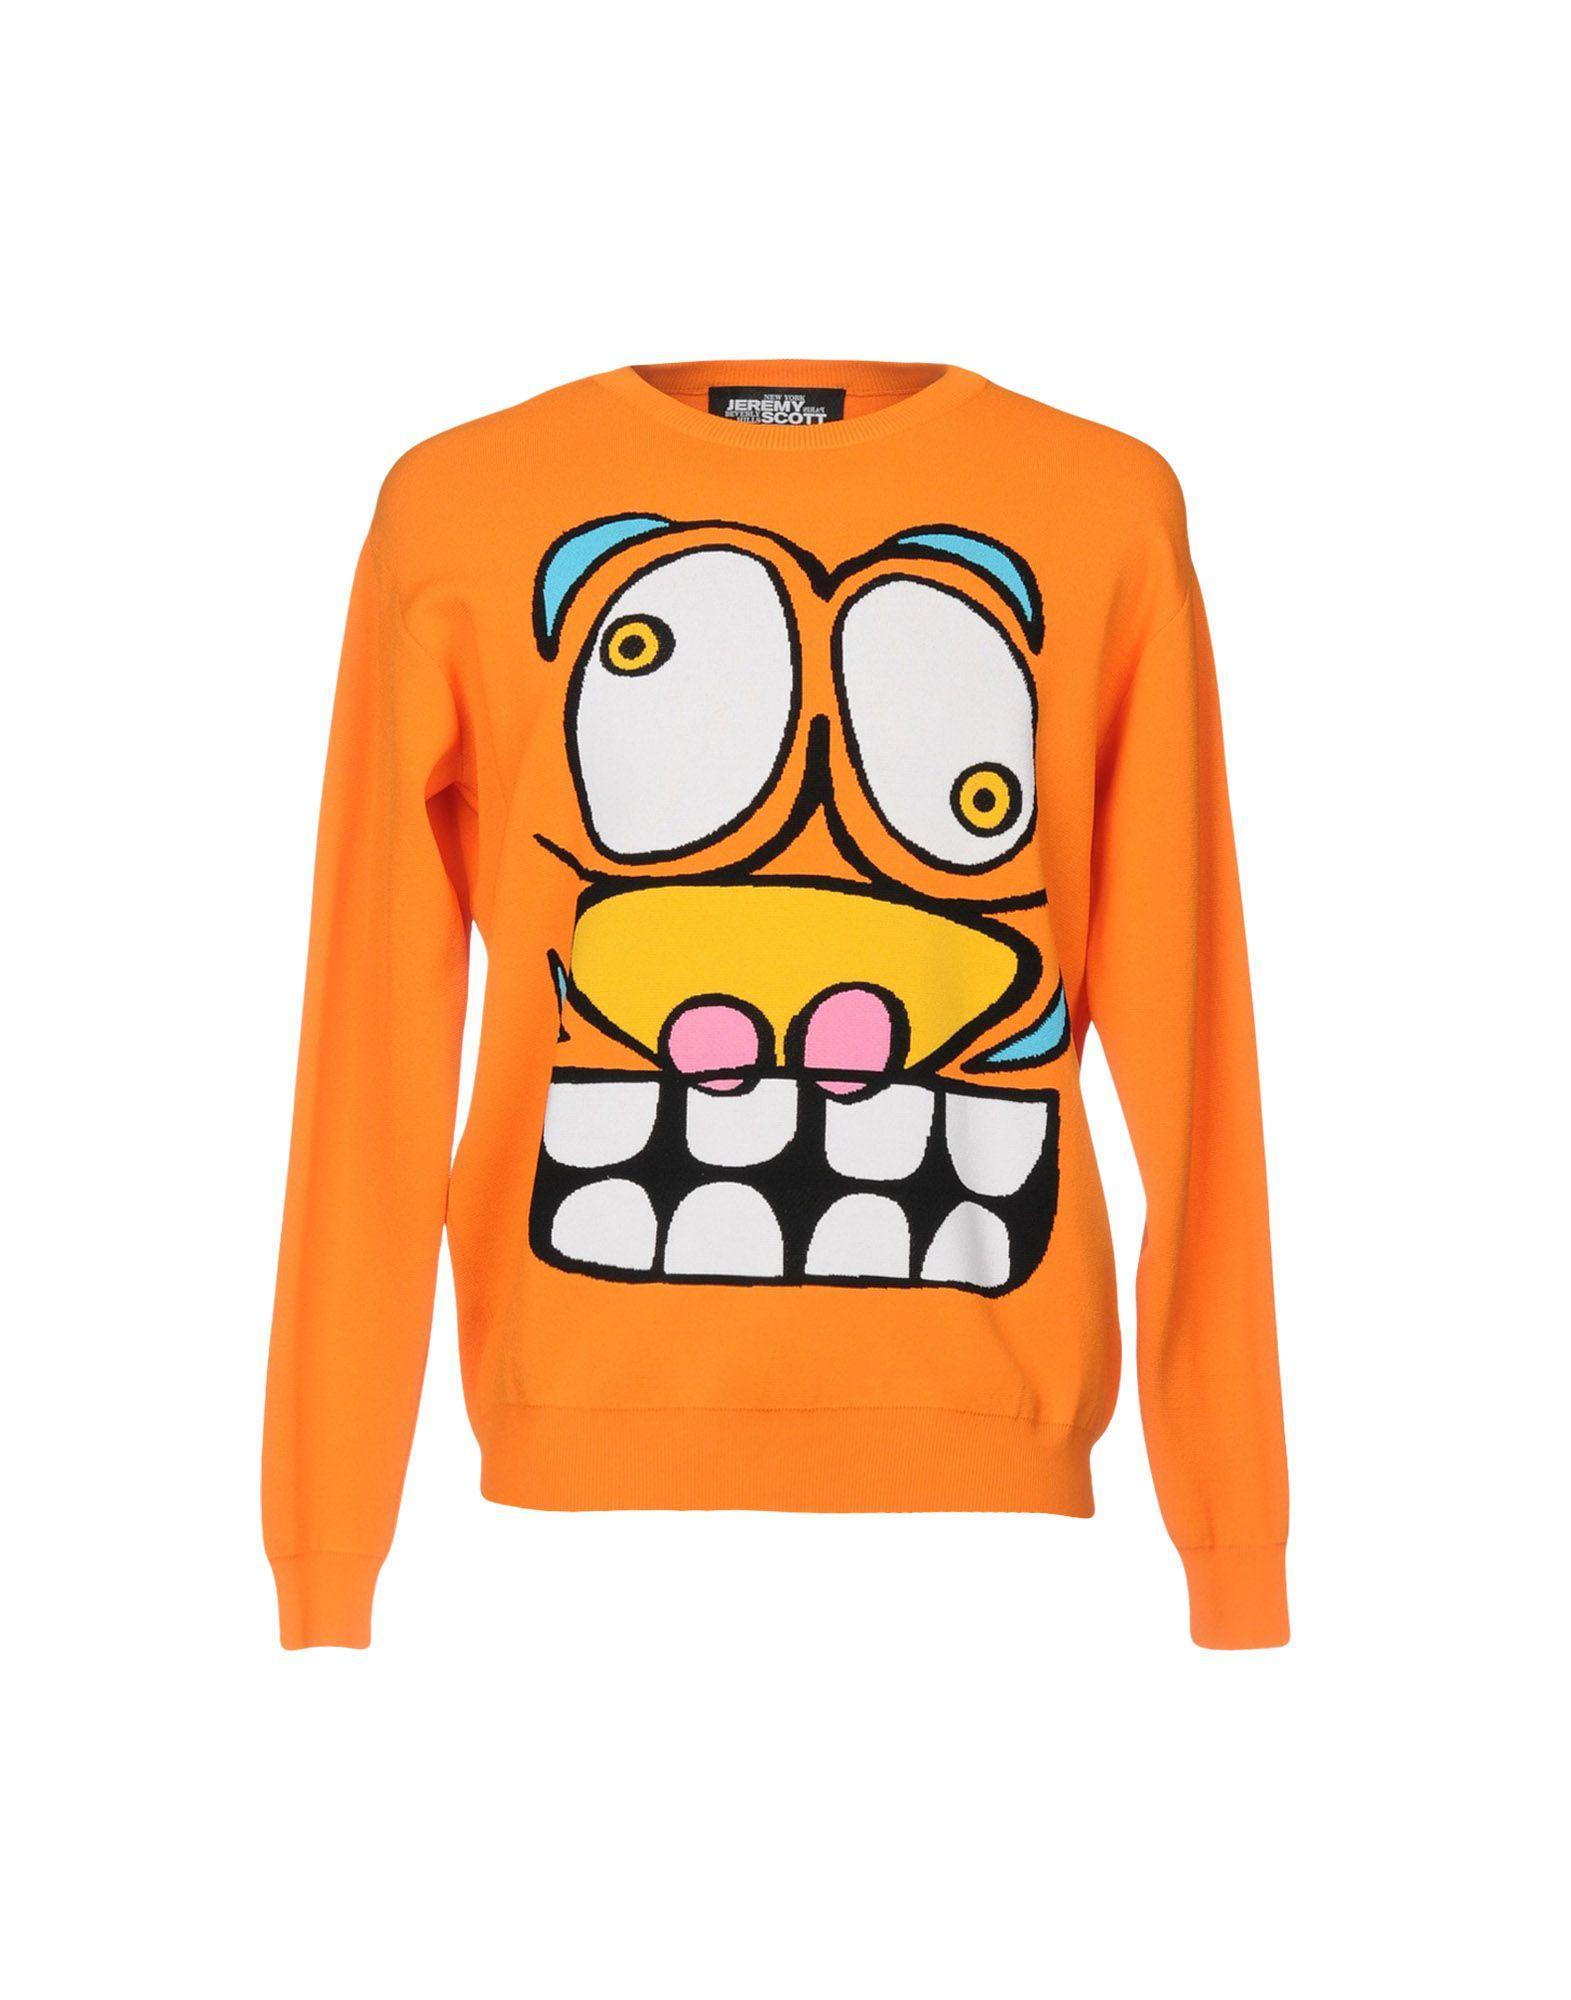 Jeremy Scott Sweater In Orange